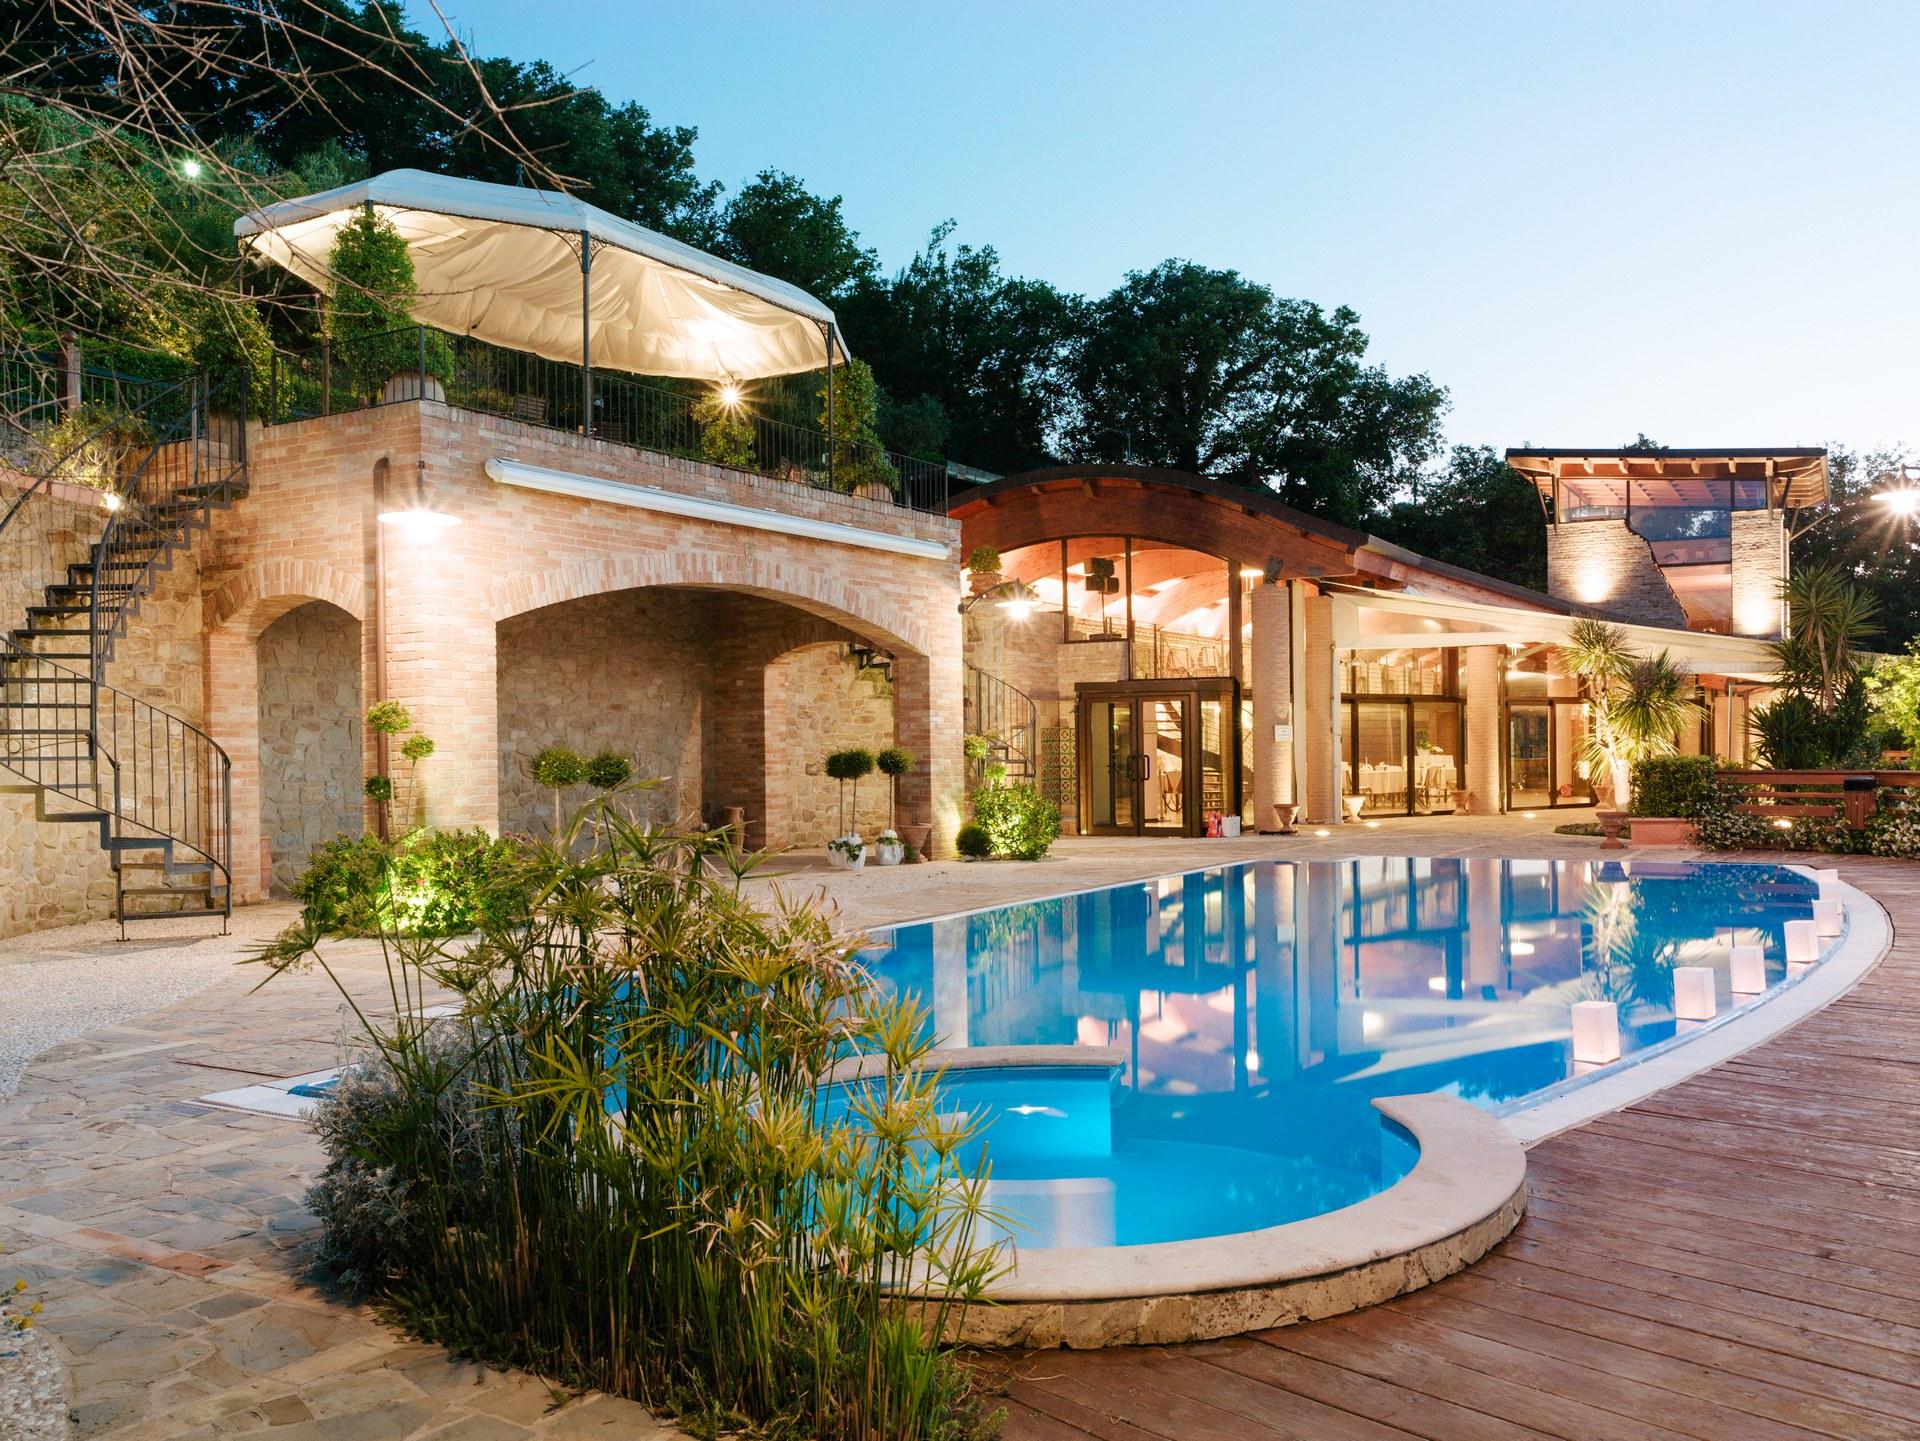 Villa per matrimoni e ricevimenti casa alexis - Piscina in casa ...